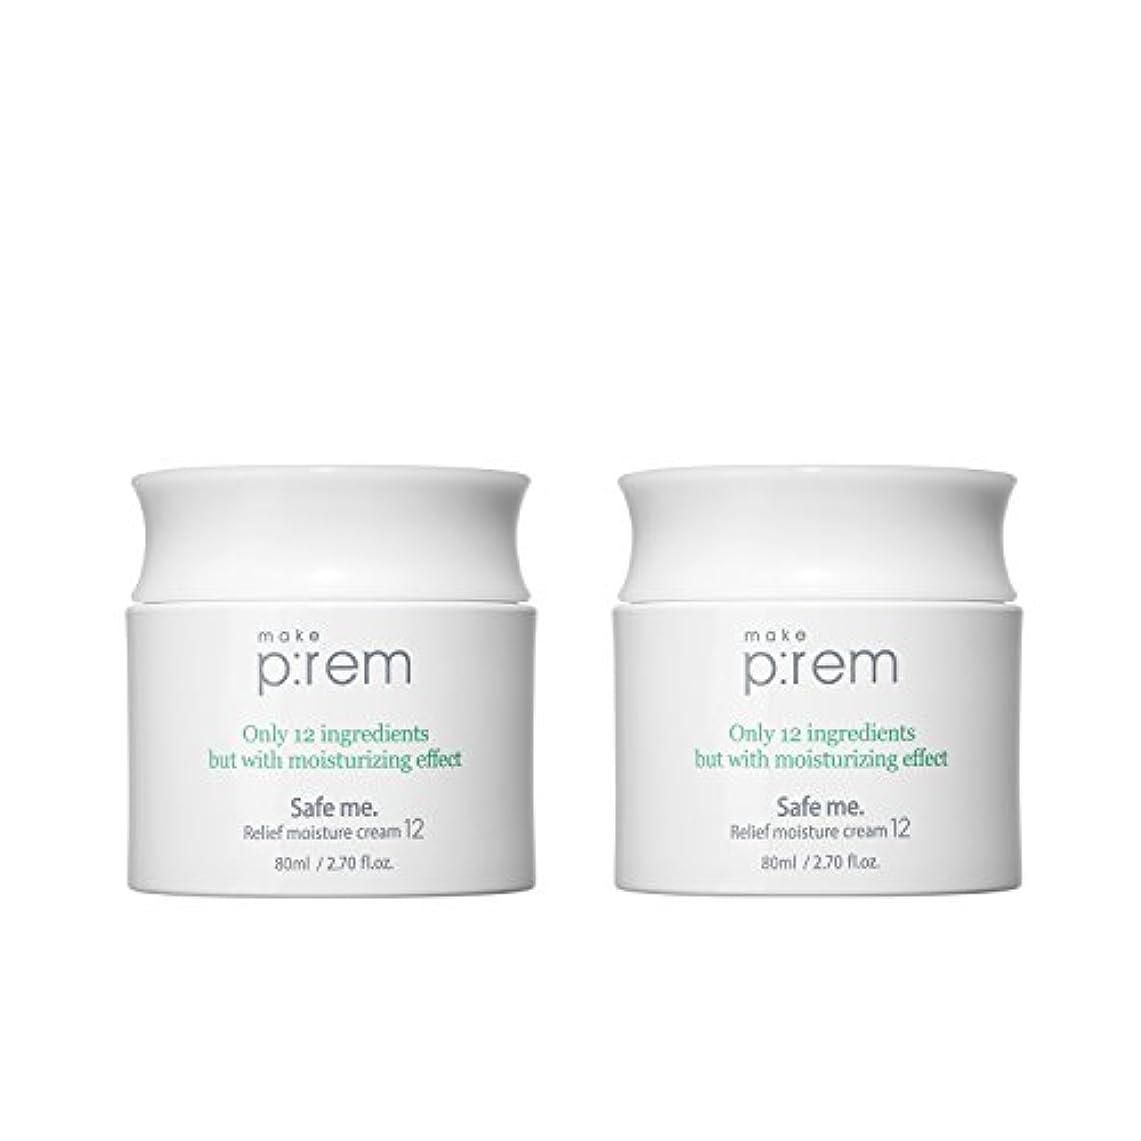 財産化学者付与(2個セット) x [MAKE P:REM] メイクプレム セーフミ?リリーフモイスチャークリーム12 80ml / Safe me. Relief moisture Cream 12 80ml / / 韓国製 . 海外直送品